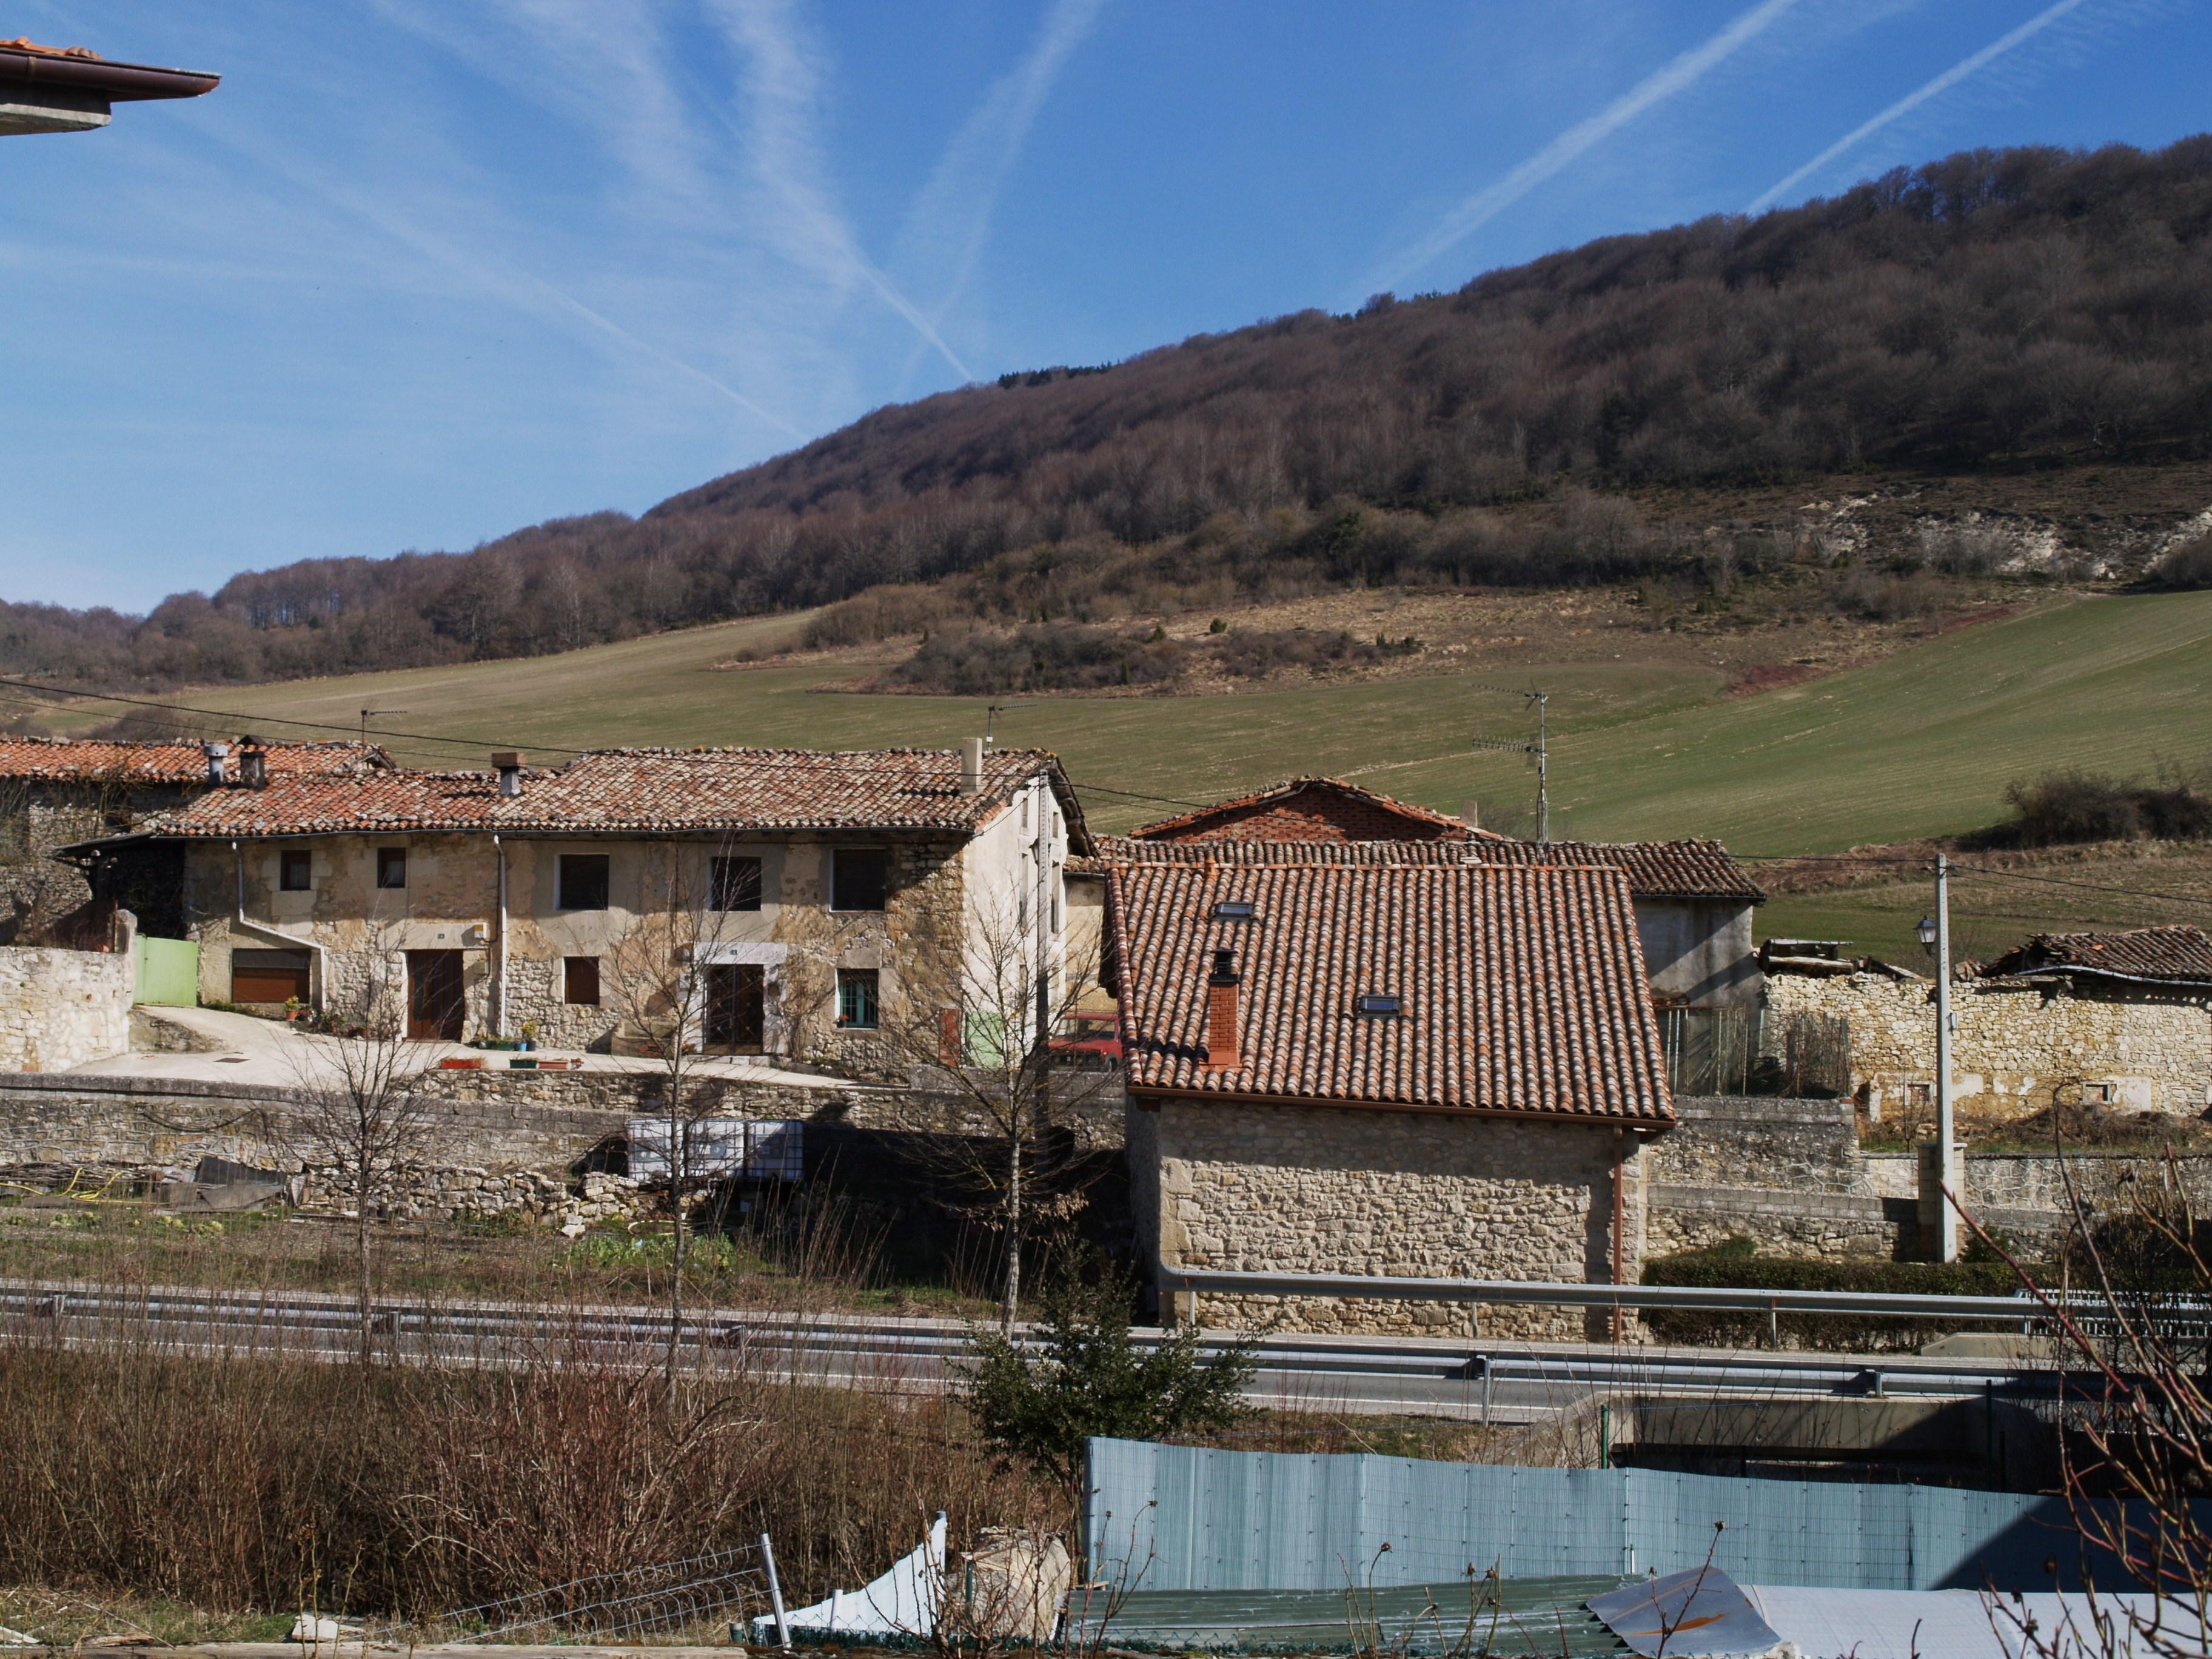 Archivo casas rurales jpg wikipedia la enciclopedia libre - Paginas de casas rurales ...